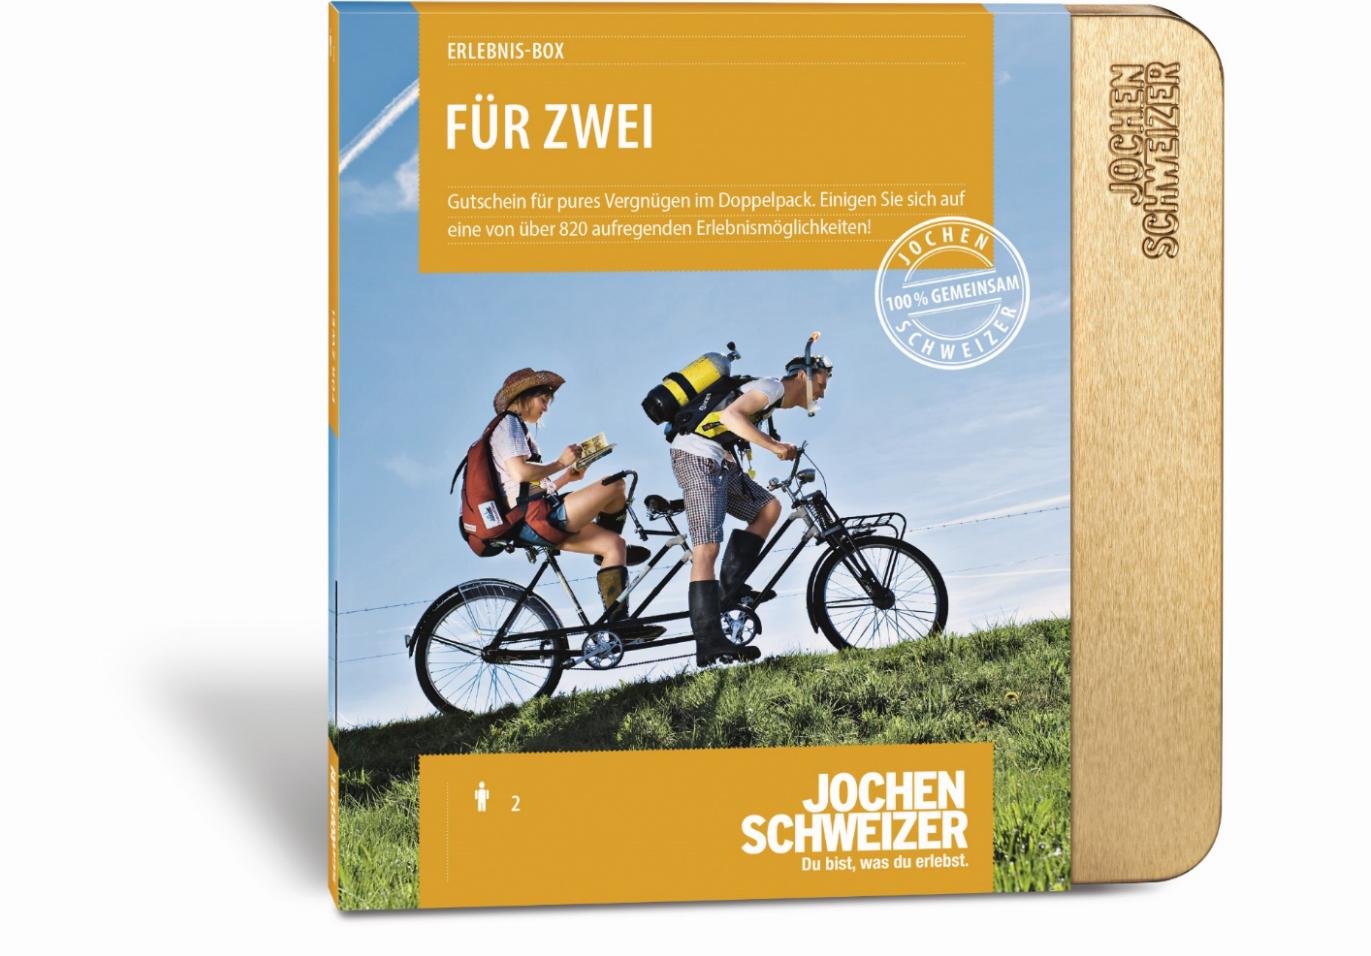 Jochen schweizer erlebnis box fur 2